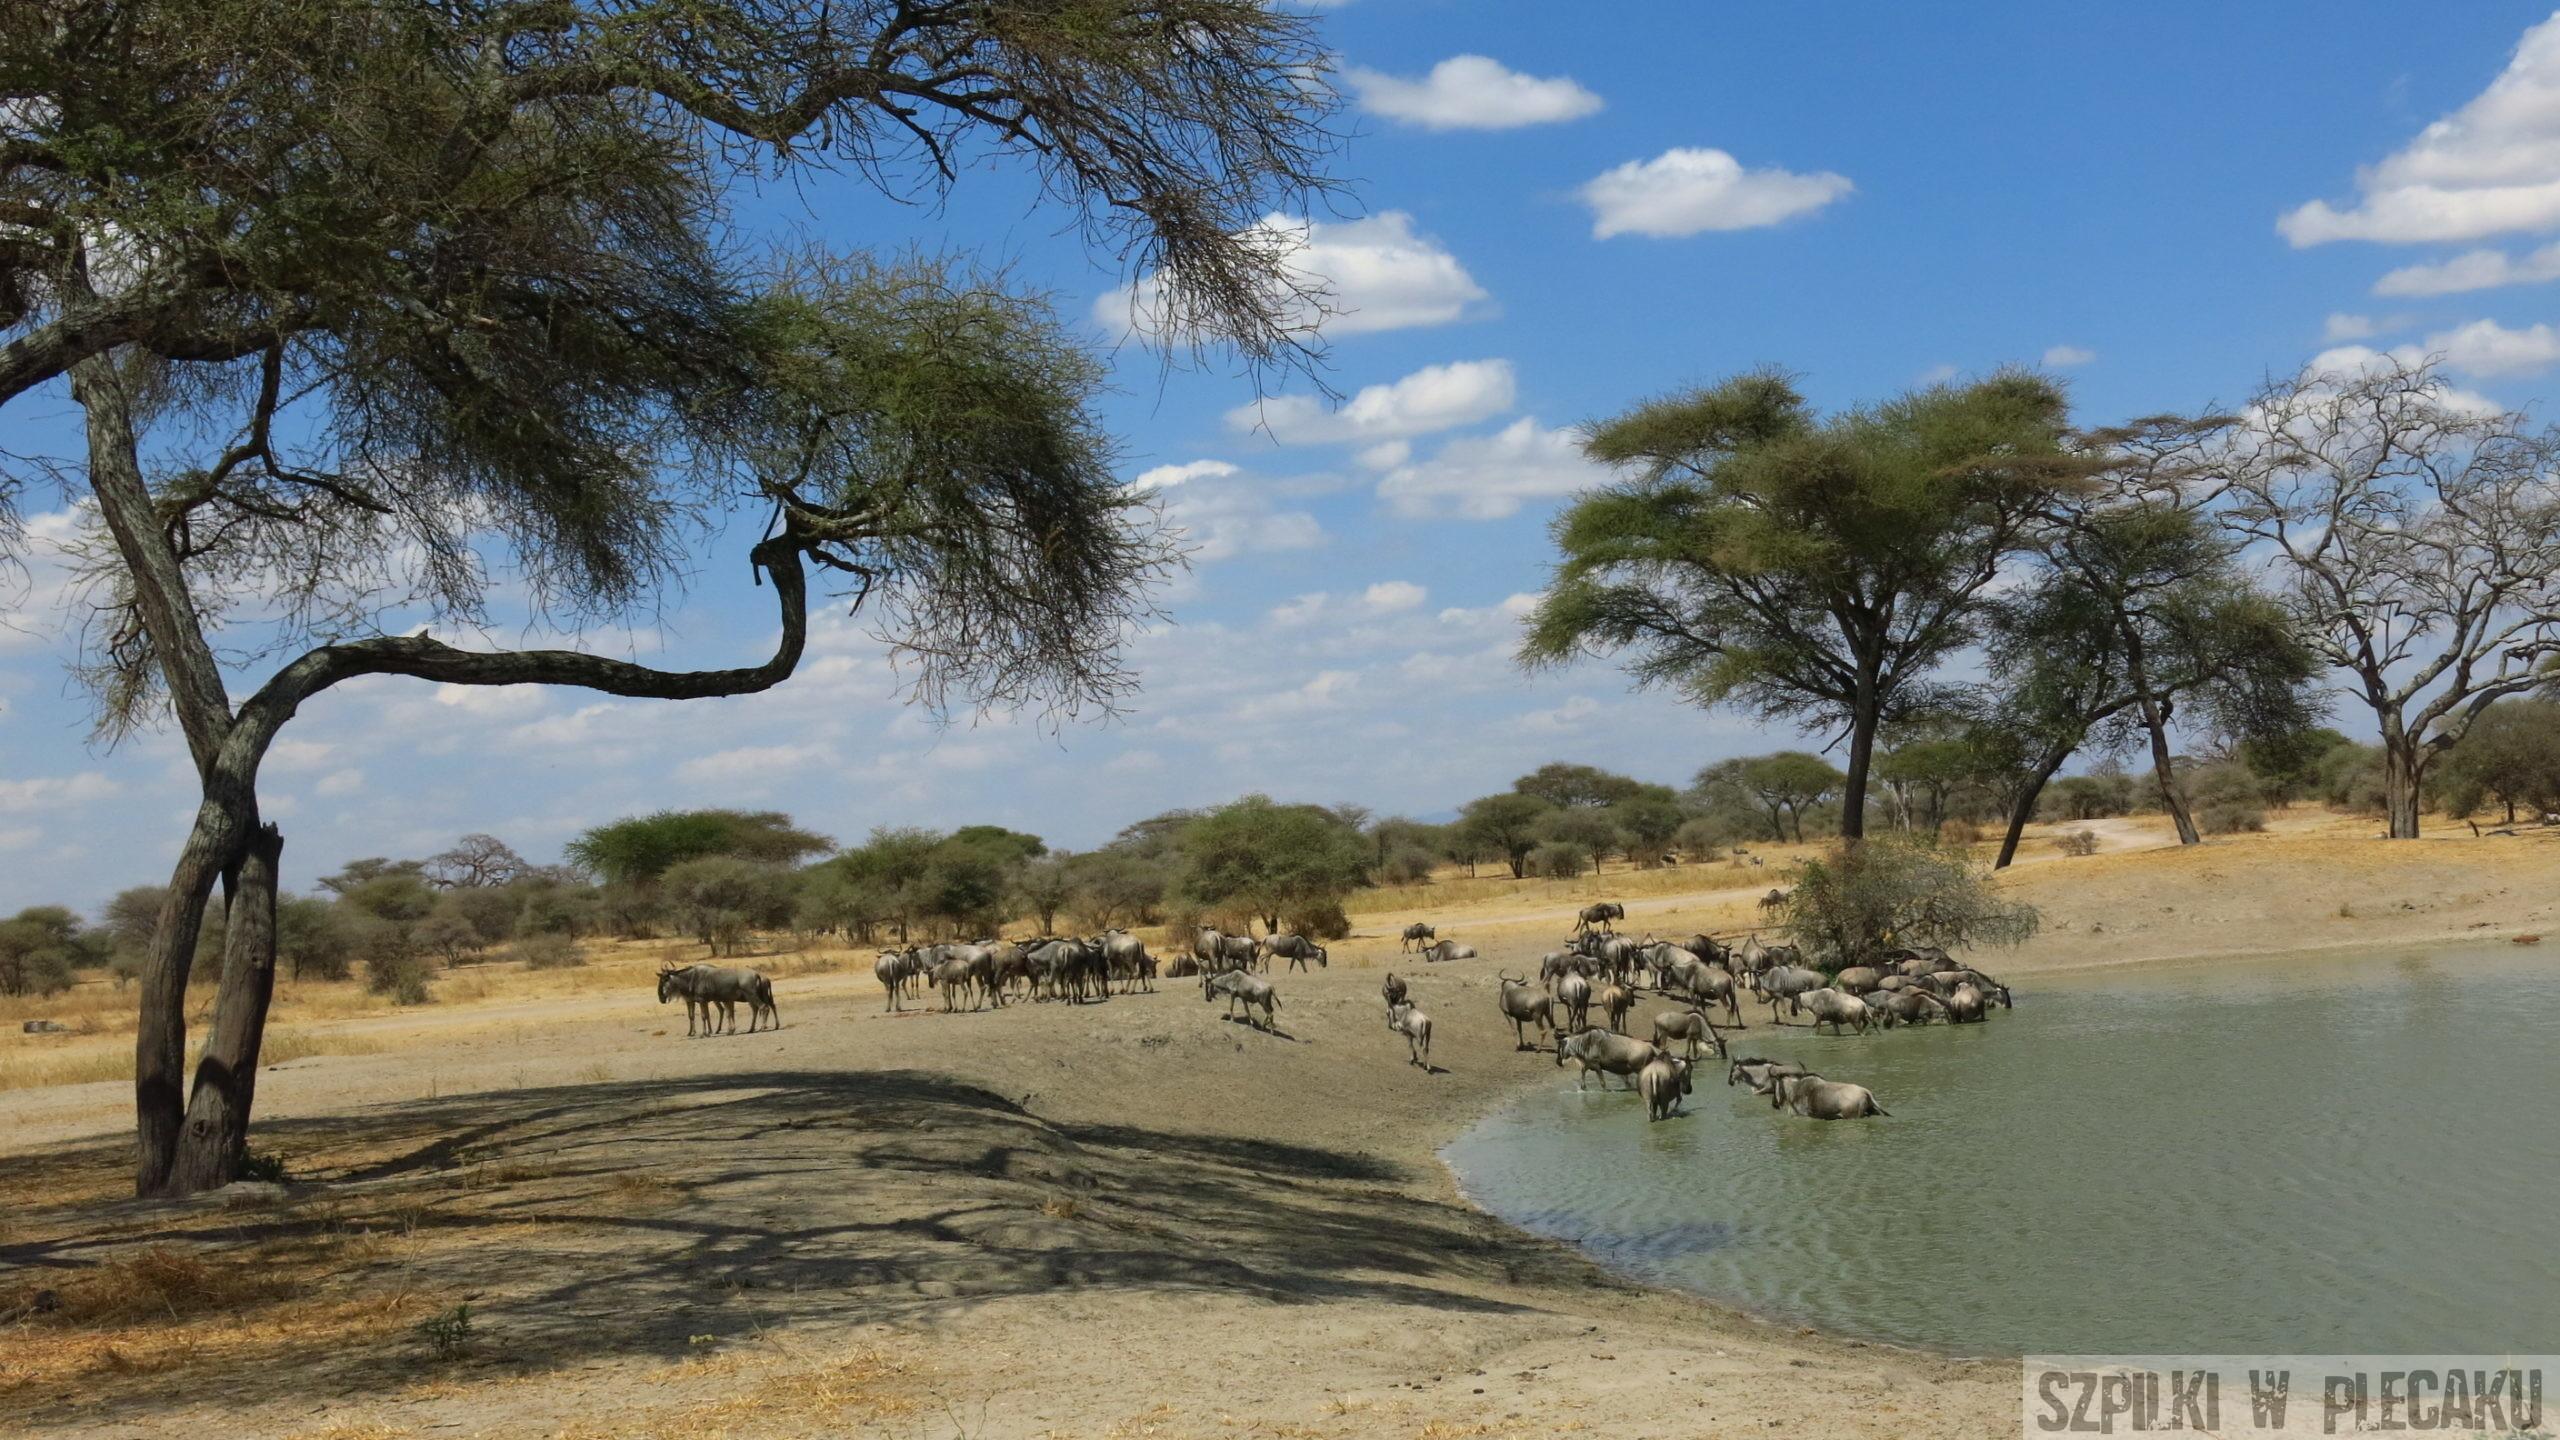 Wycieczka na safari, czyli Parki Narodowe w Tanzanii